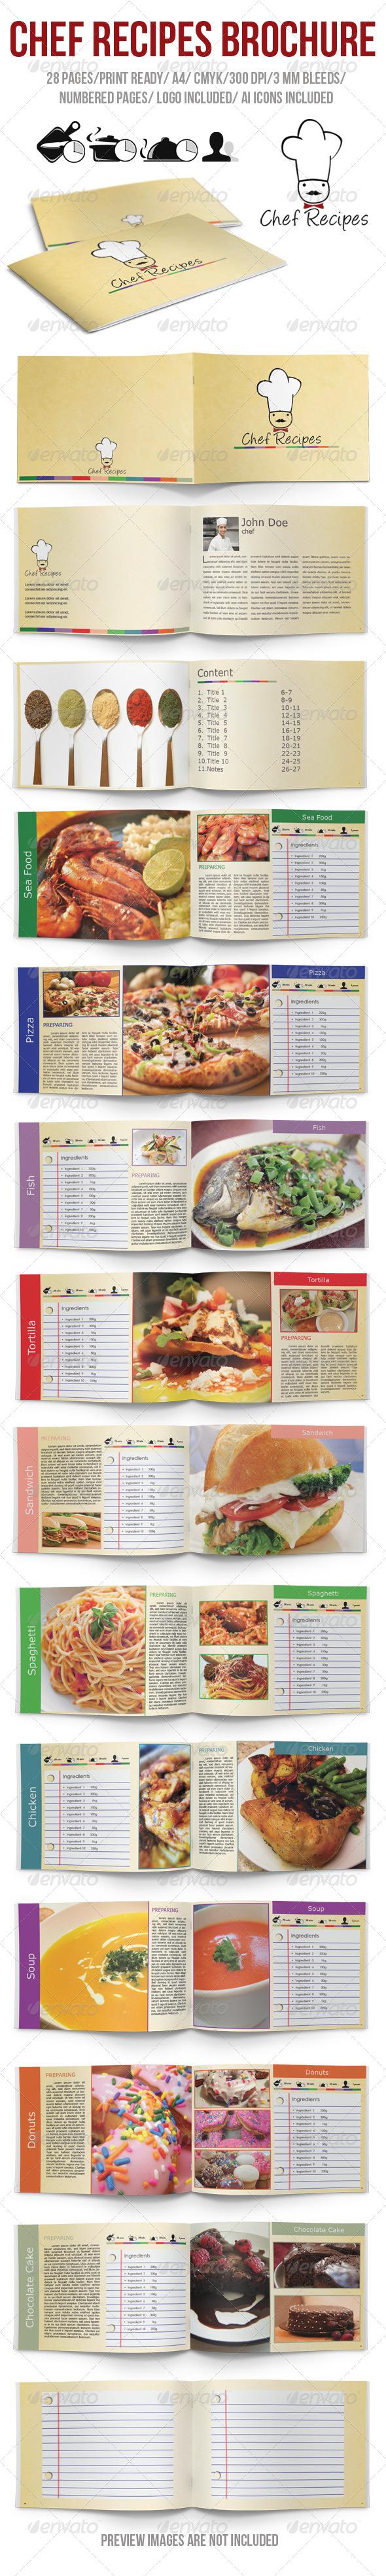 Chef Recipes Brochure - Brochures Print Templates